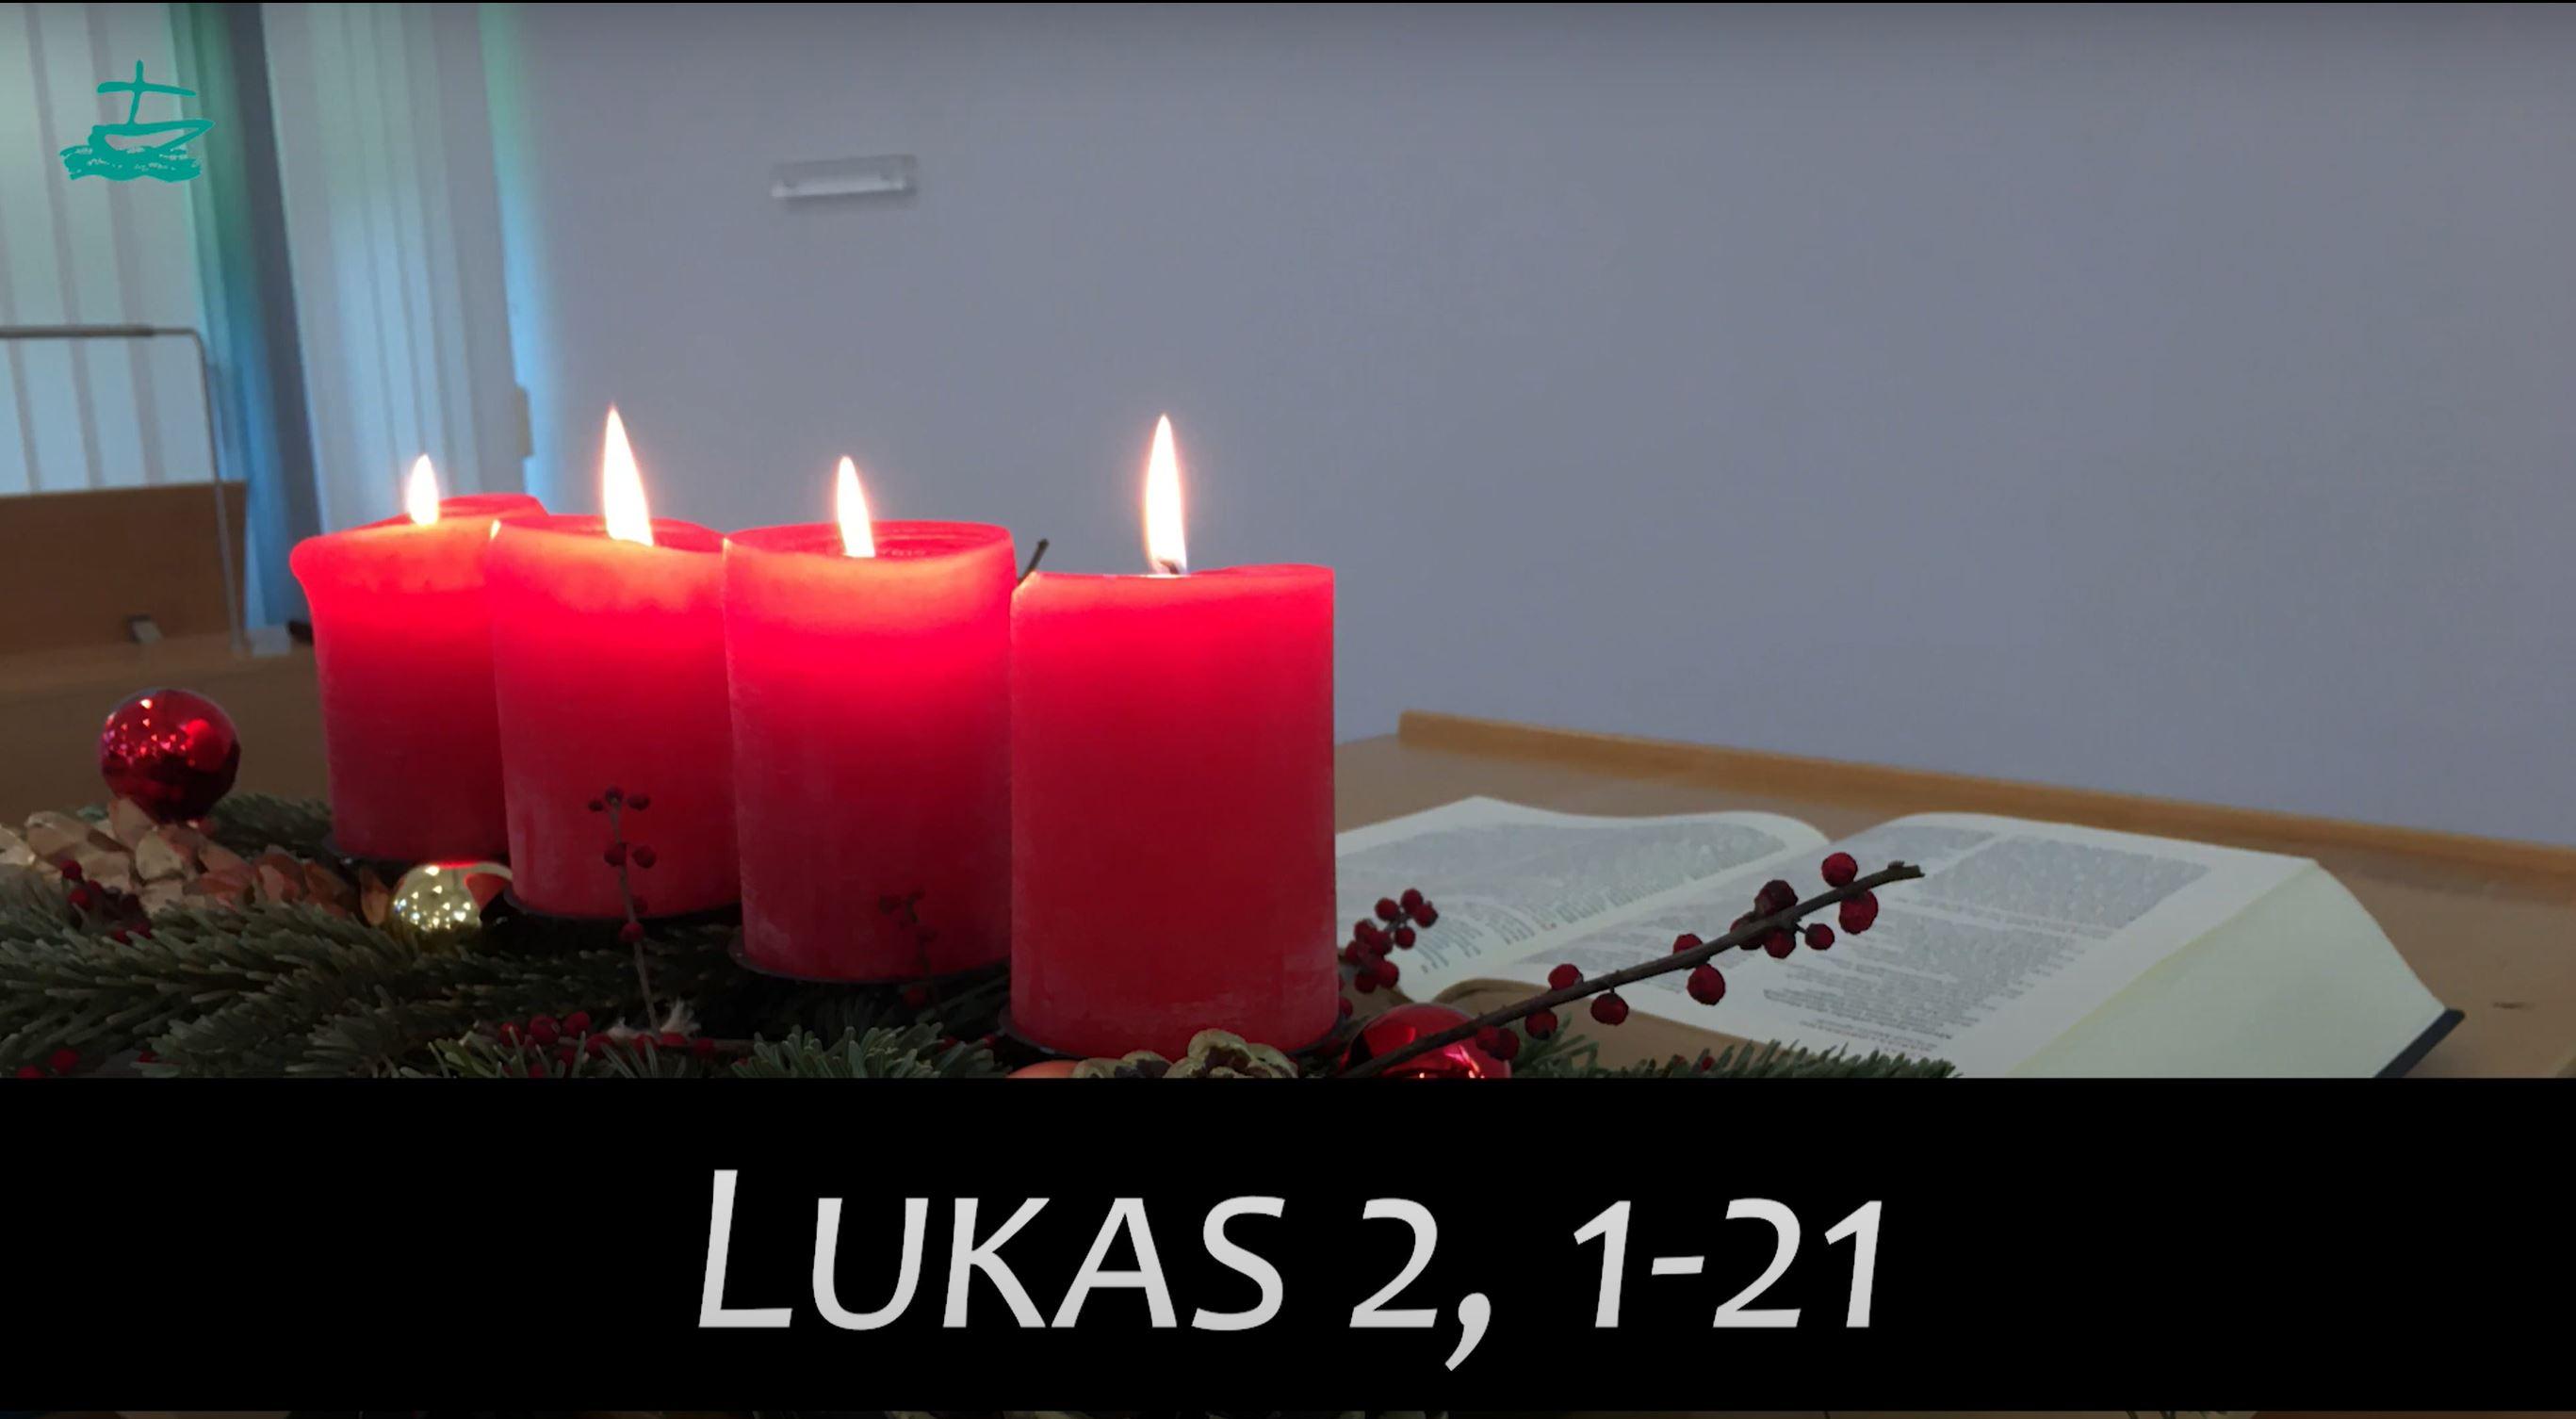 Weihnachtsgruß der ACK Koblenz